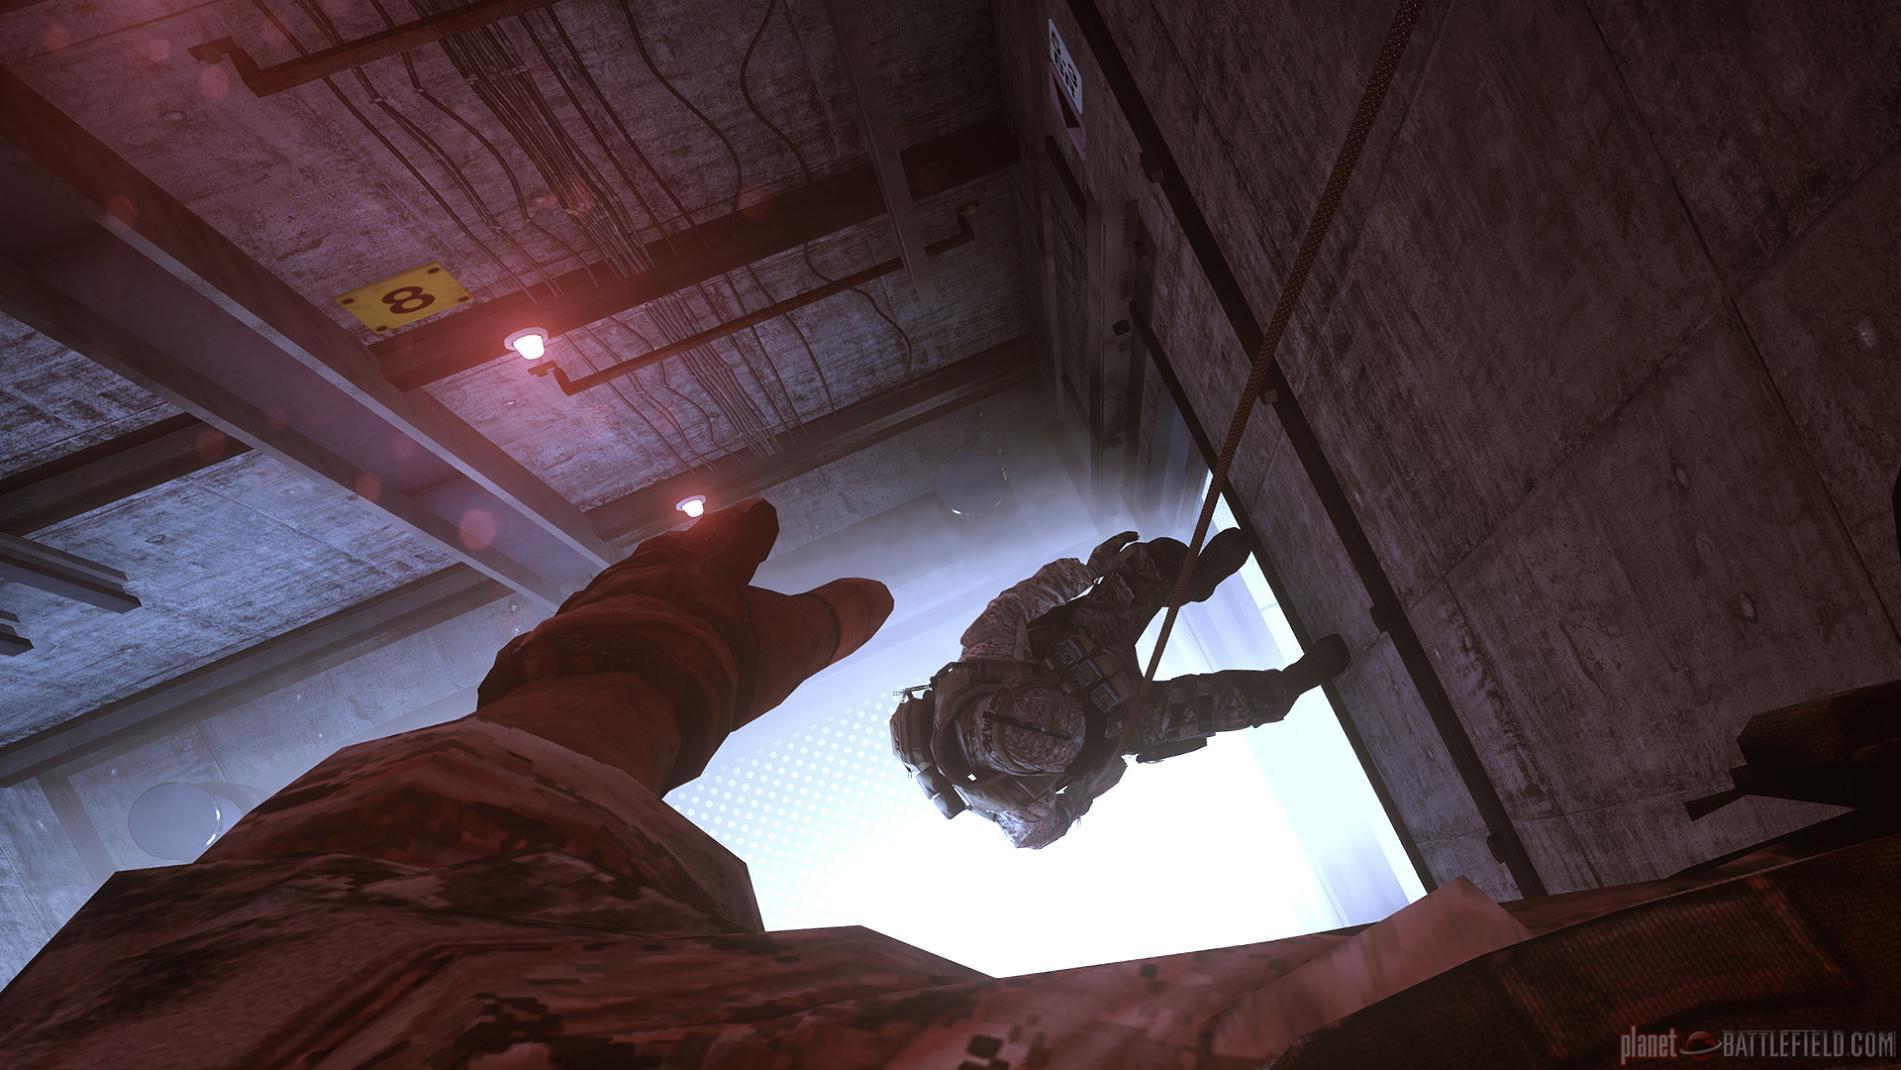 Battlefield_3_October_6_v7.jpg